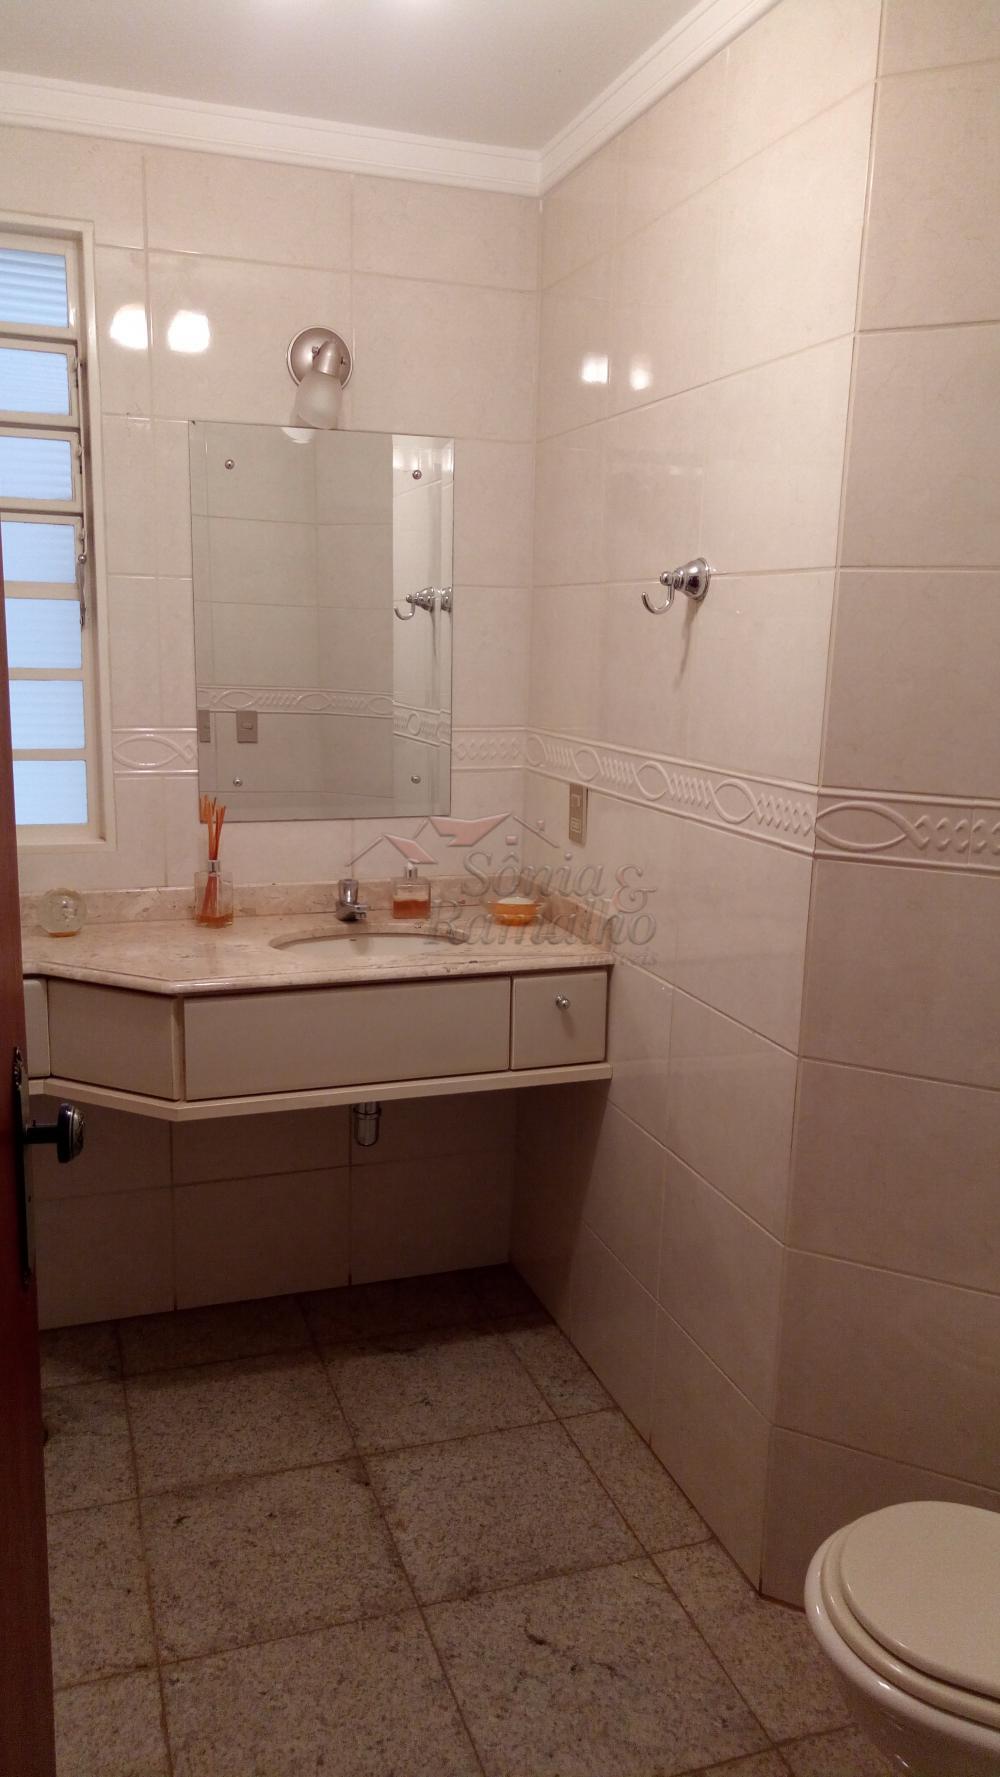 Alugar Casas / Sobrado em Ribeirão Preto apenas R$ 3.800,00 - Foto 2